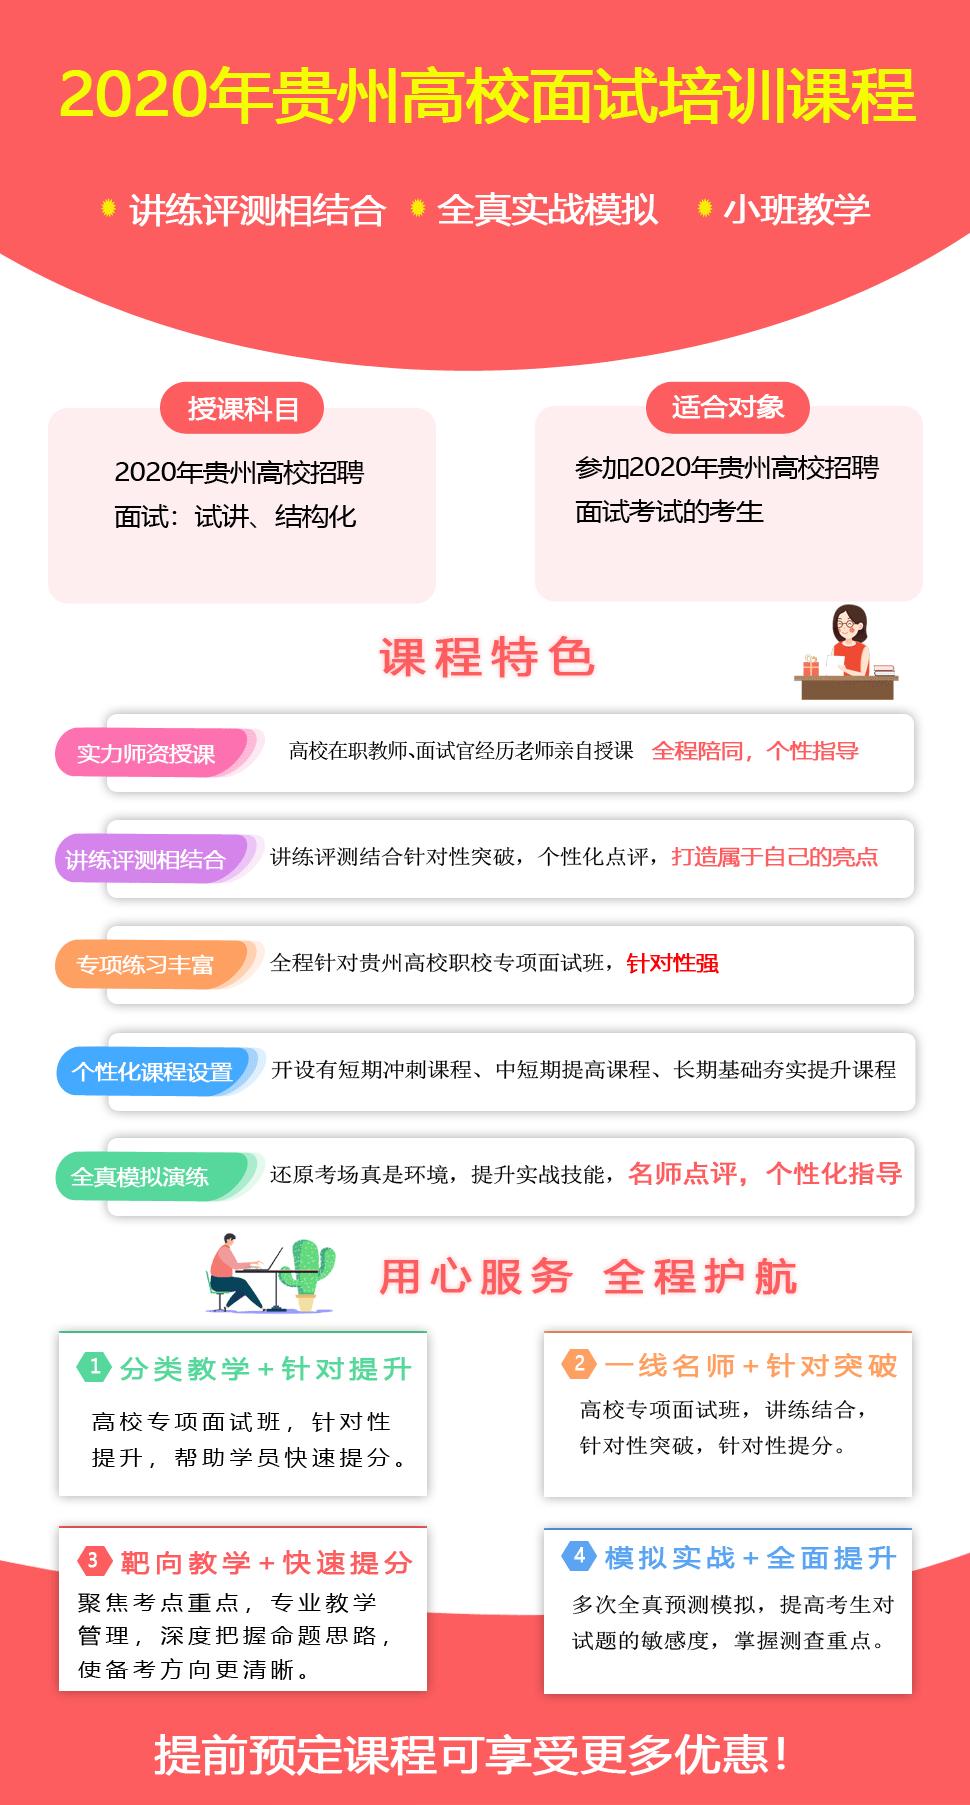 2020年贵州高校职校面试培训课程